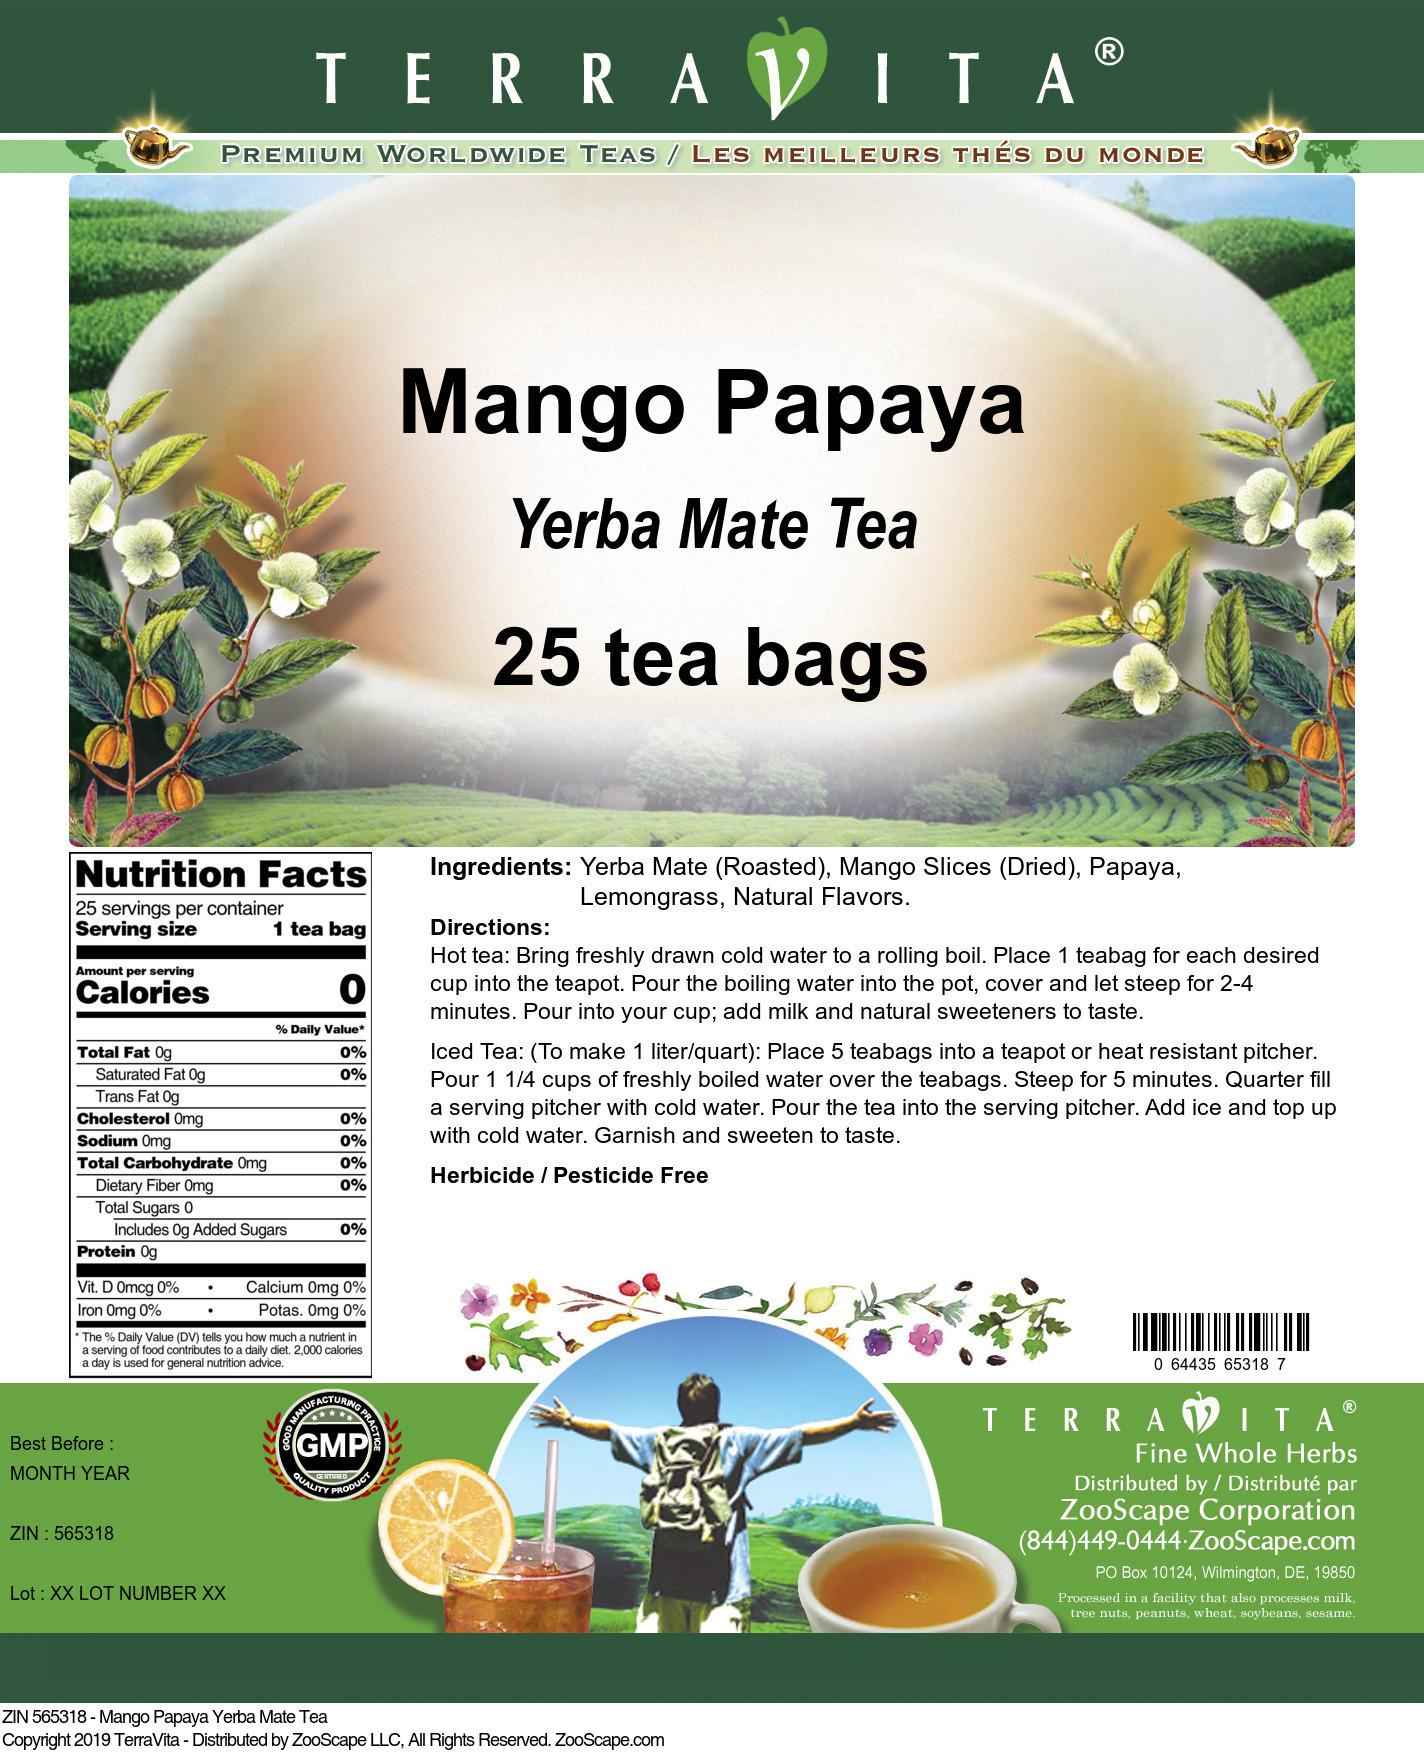 Mango Papaya Yerba Mate Tea